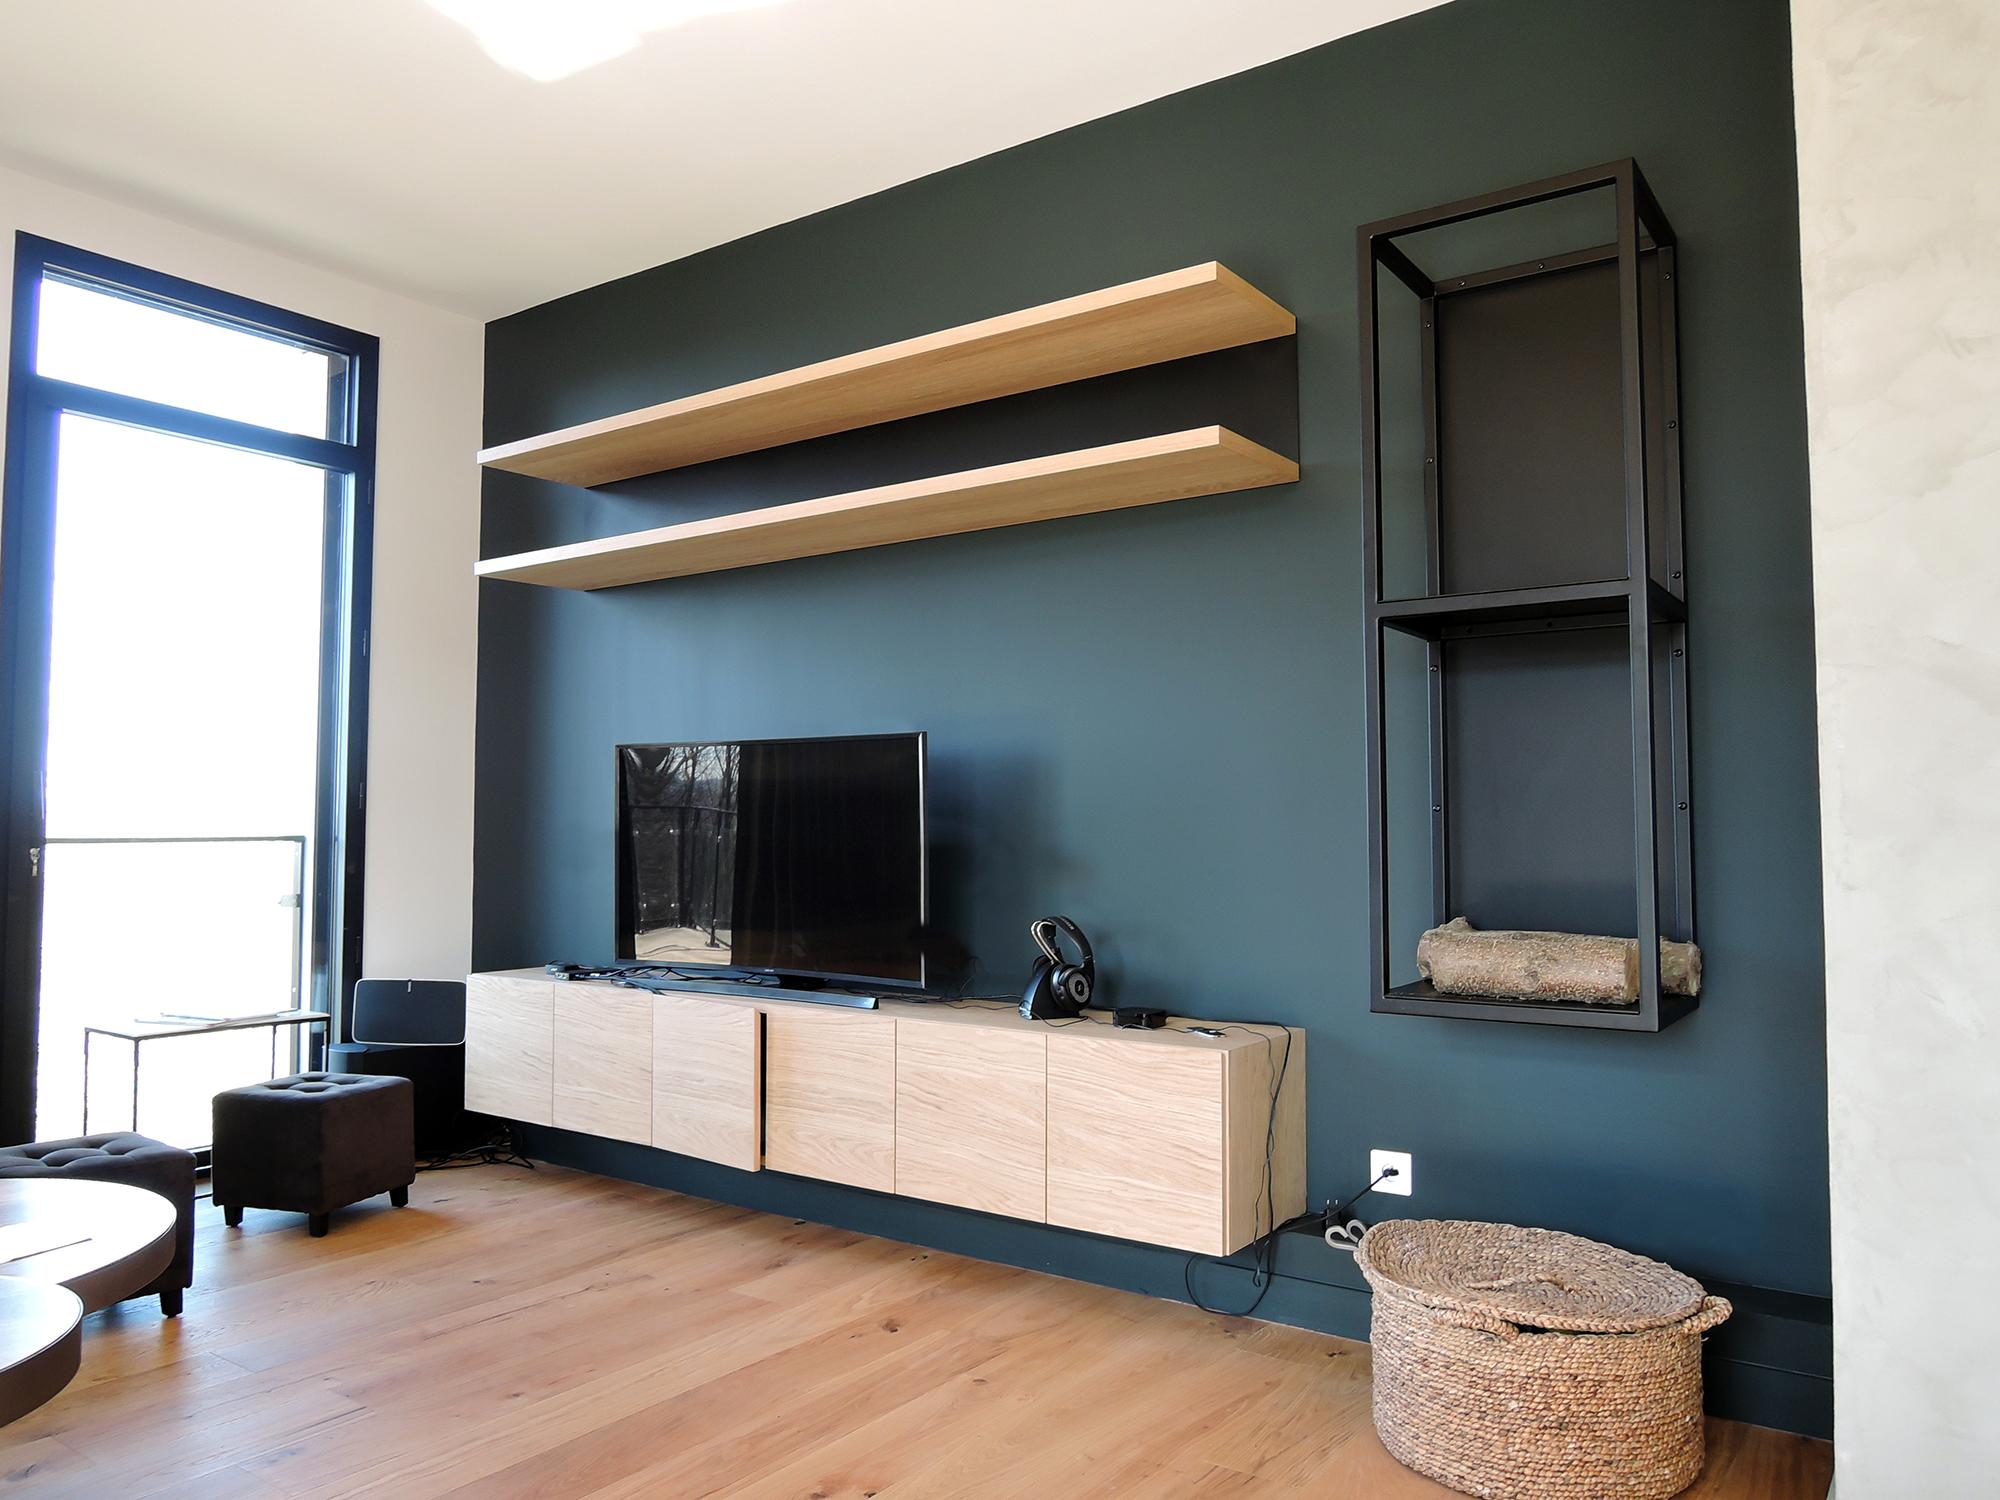 artmeta am nagement meuble tv tag res range buches en ch ne naturel acier noir charbon. Black Bedroom Furniture Sets. Home Design Ideas